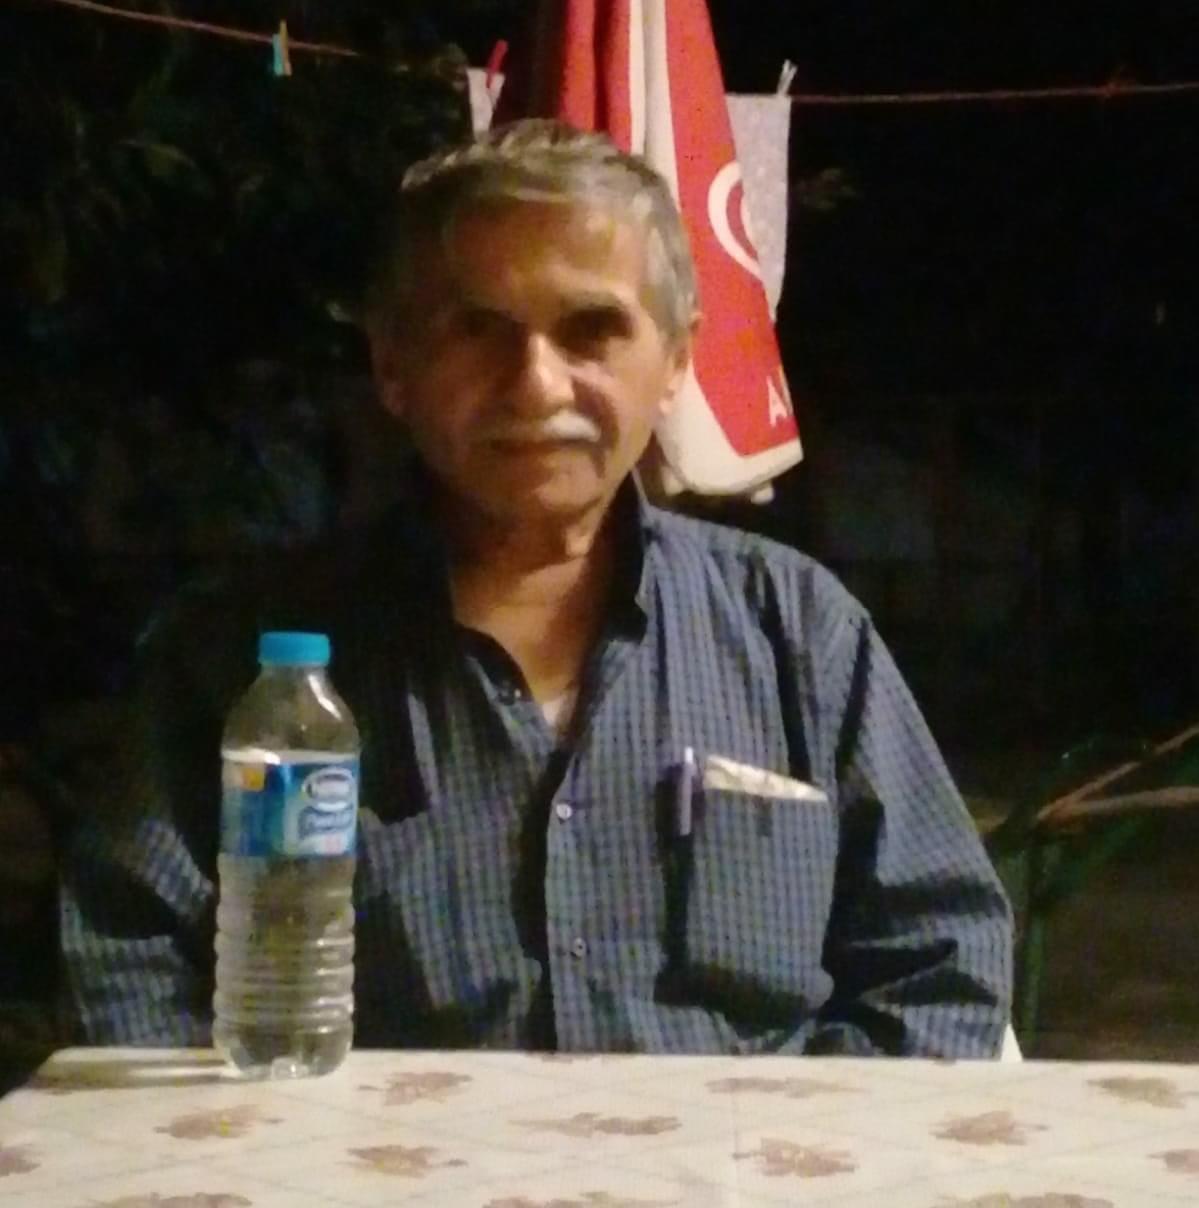 'Lamba' tartışmasında öldürülen 2 kişi toprağa verildi